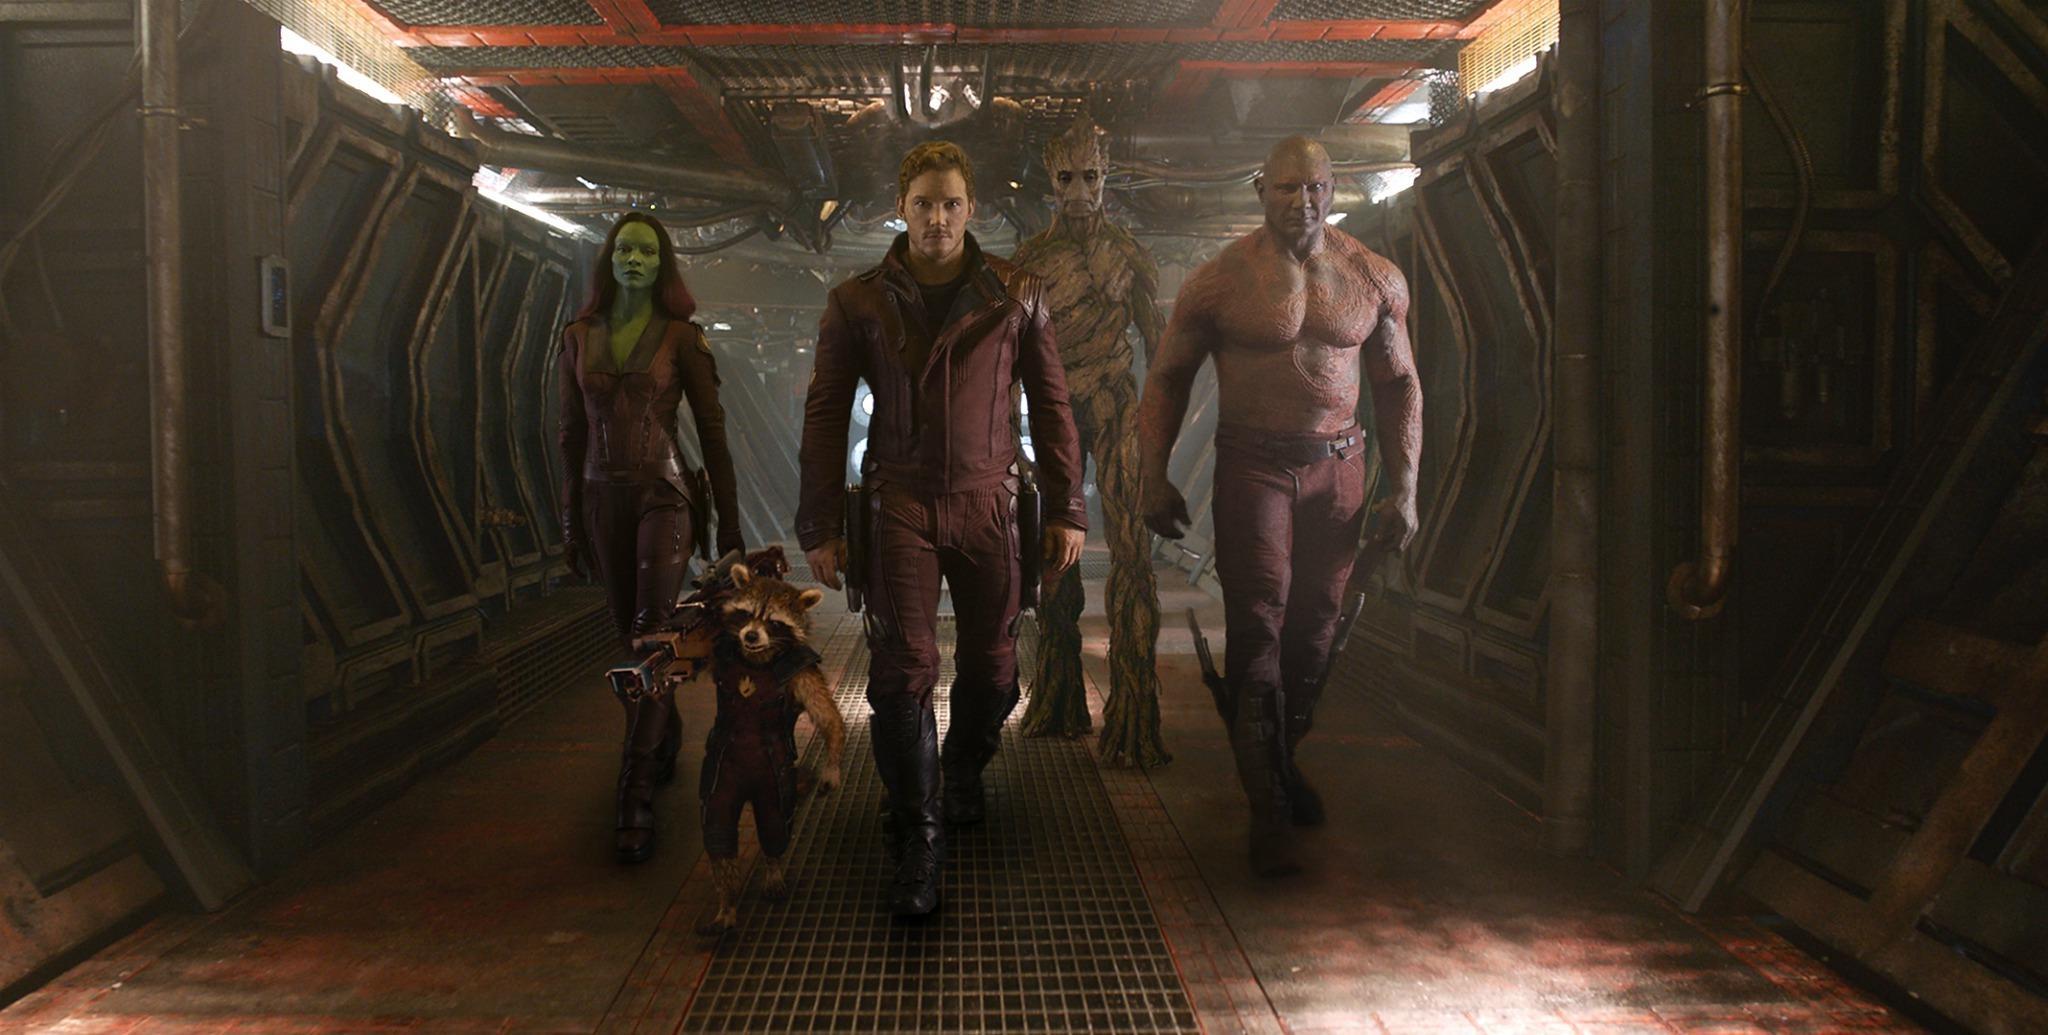 漫威《银河护卫队》(Guardians of the Galaxy)预告首发